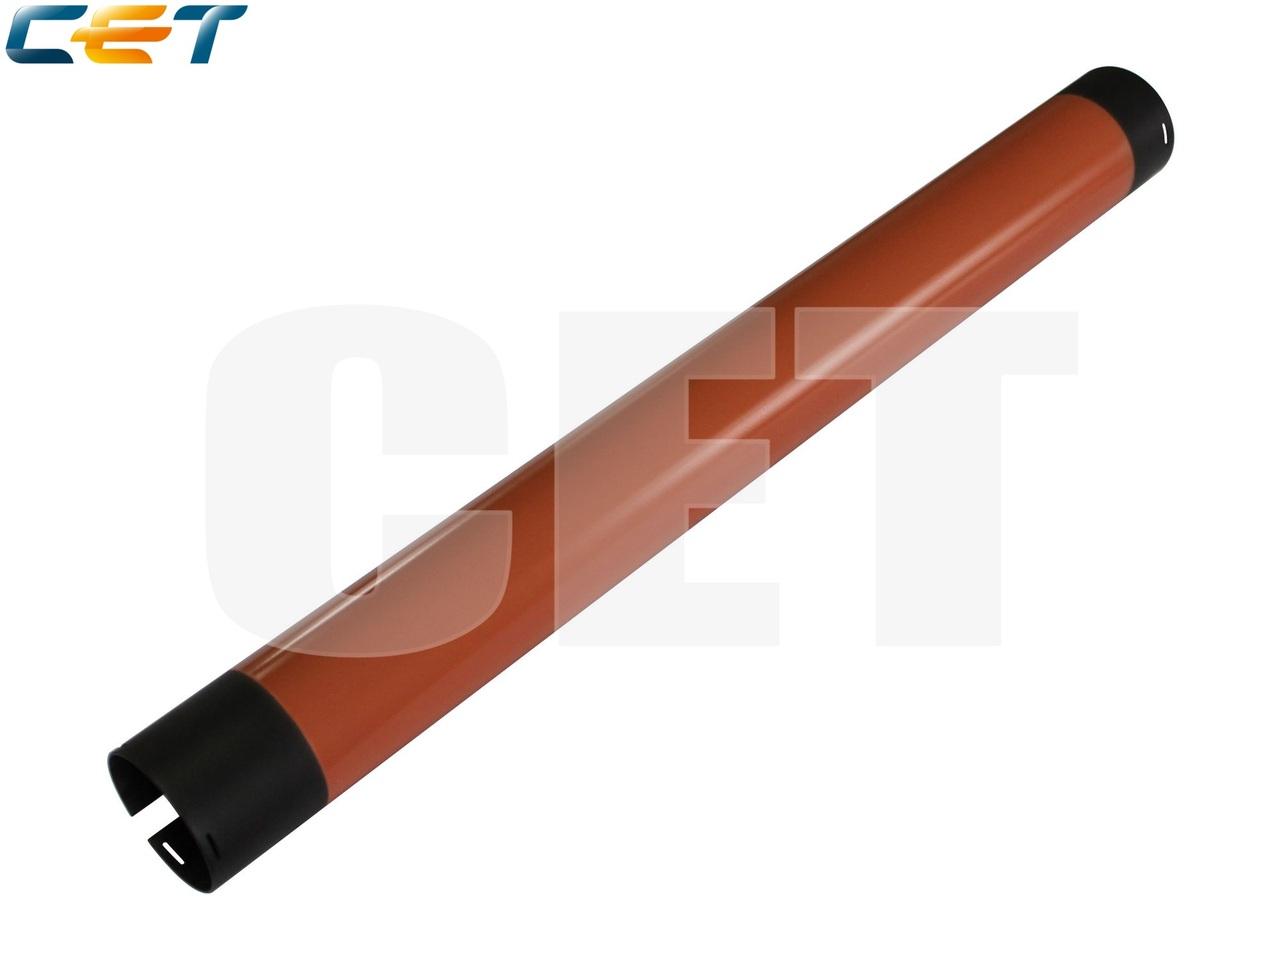 Тефлоновый вал (Red) FC9-9163-010 для CANON iR ADVANCE6055/6065/6075/6255/6265/6275 (CET), CET5015